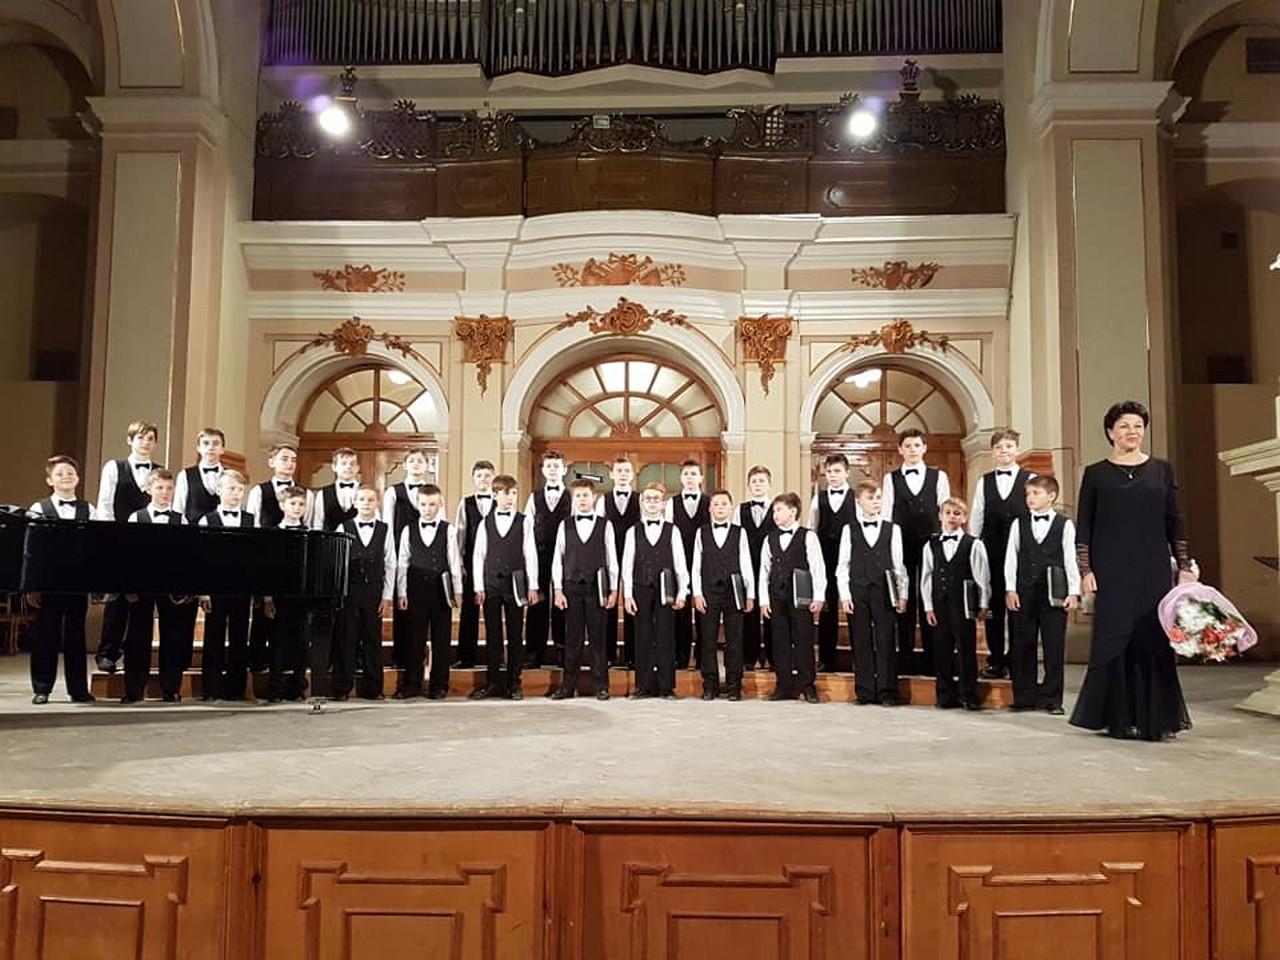 Сьогодні, 20 листопада, хор хлопчиків та юнаків Мукачівської хорової школи виступатиме в обласному центрі